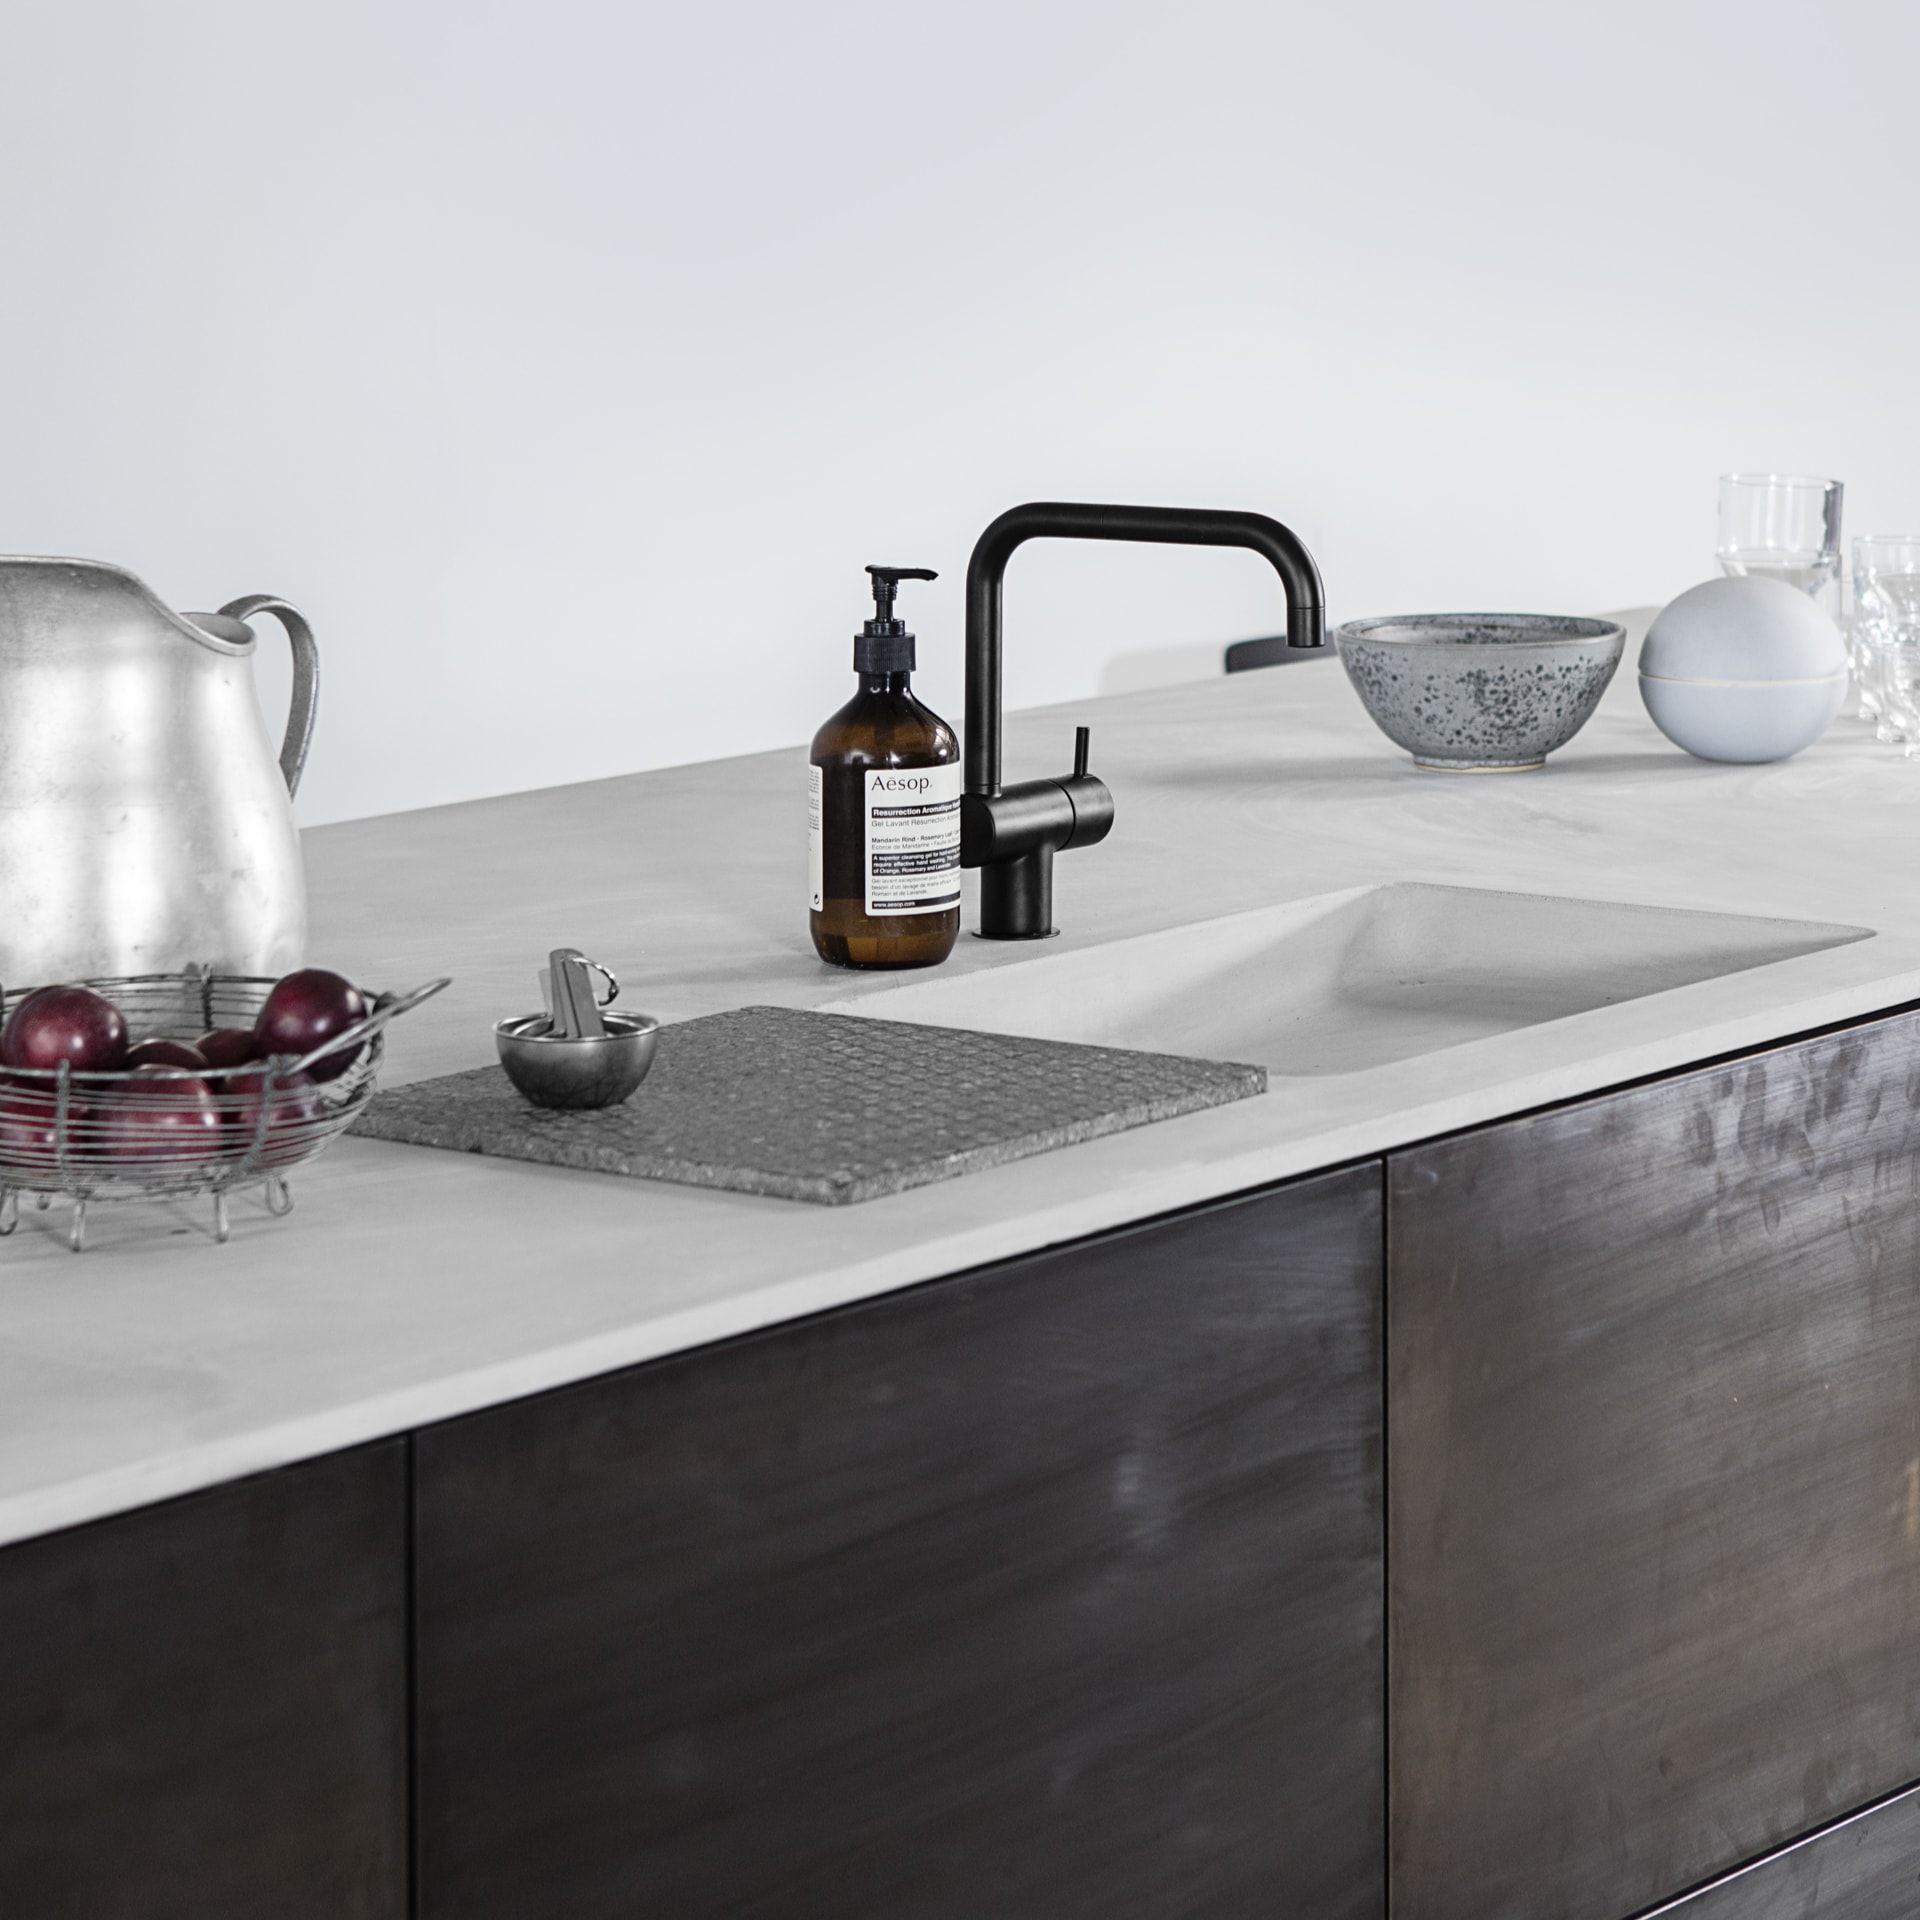 Innenarchitektur für küchenschrank norm architectsu kitchen design in sawn smoked oak with a countertop